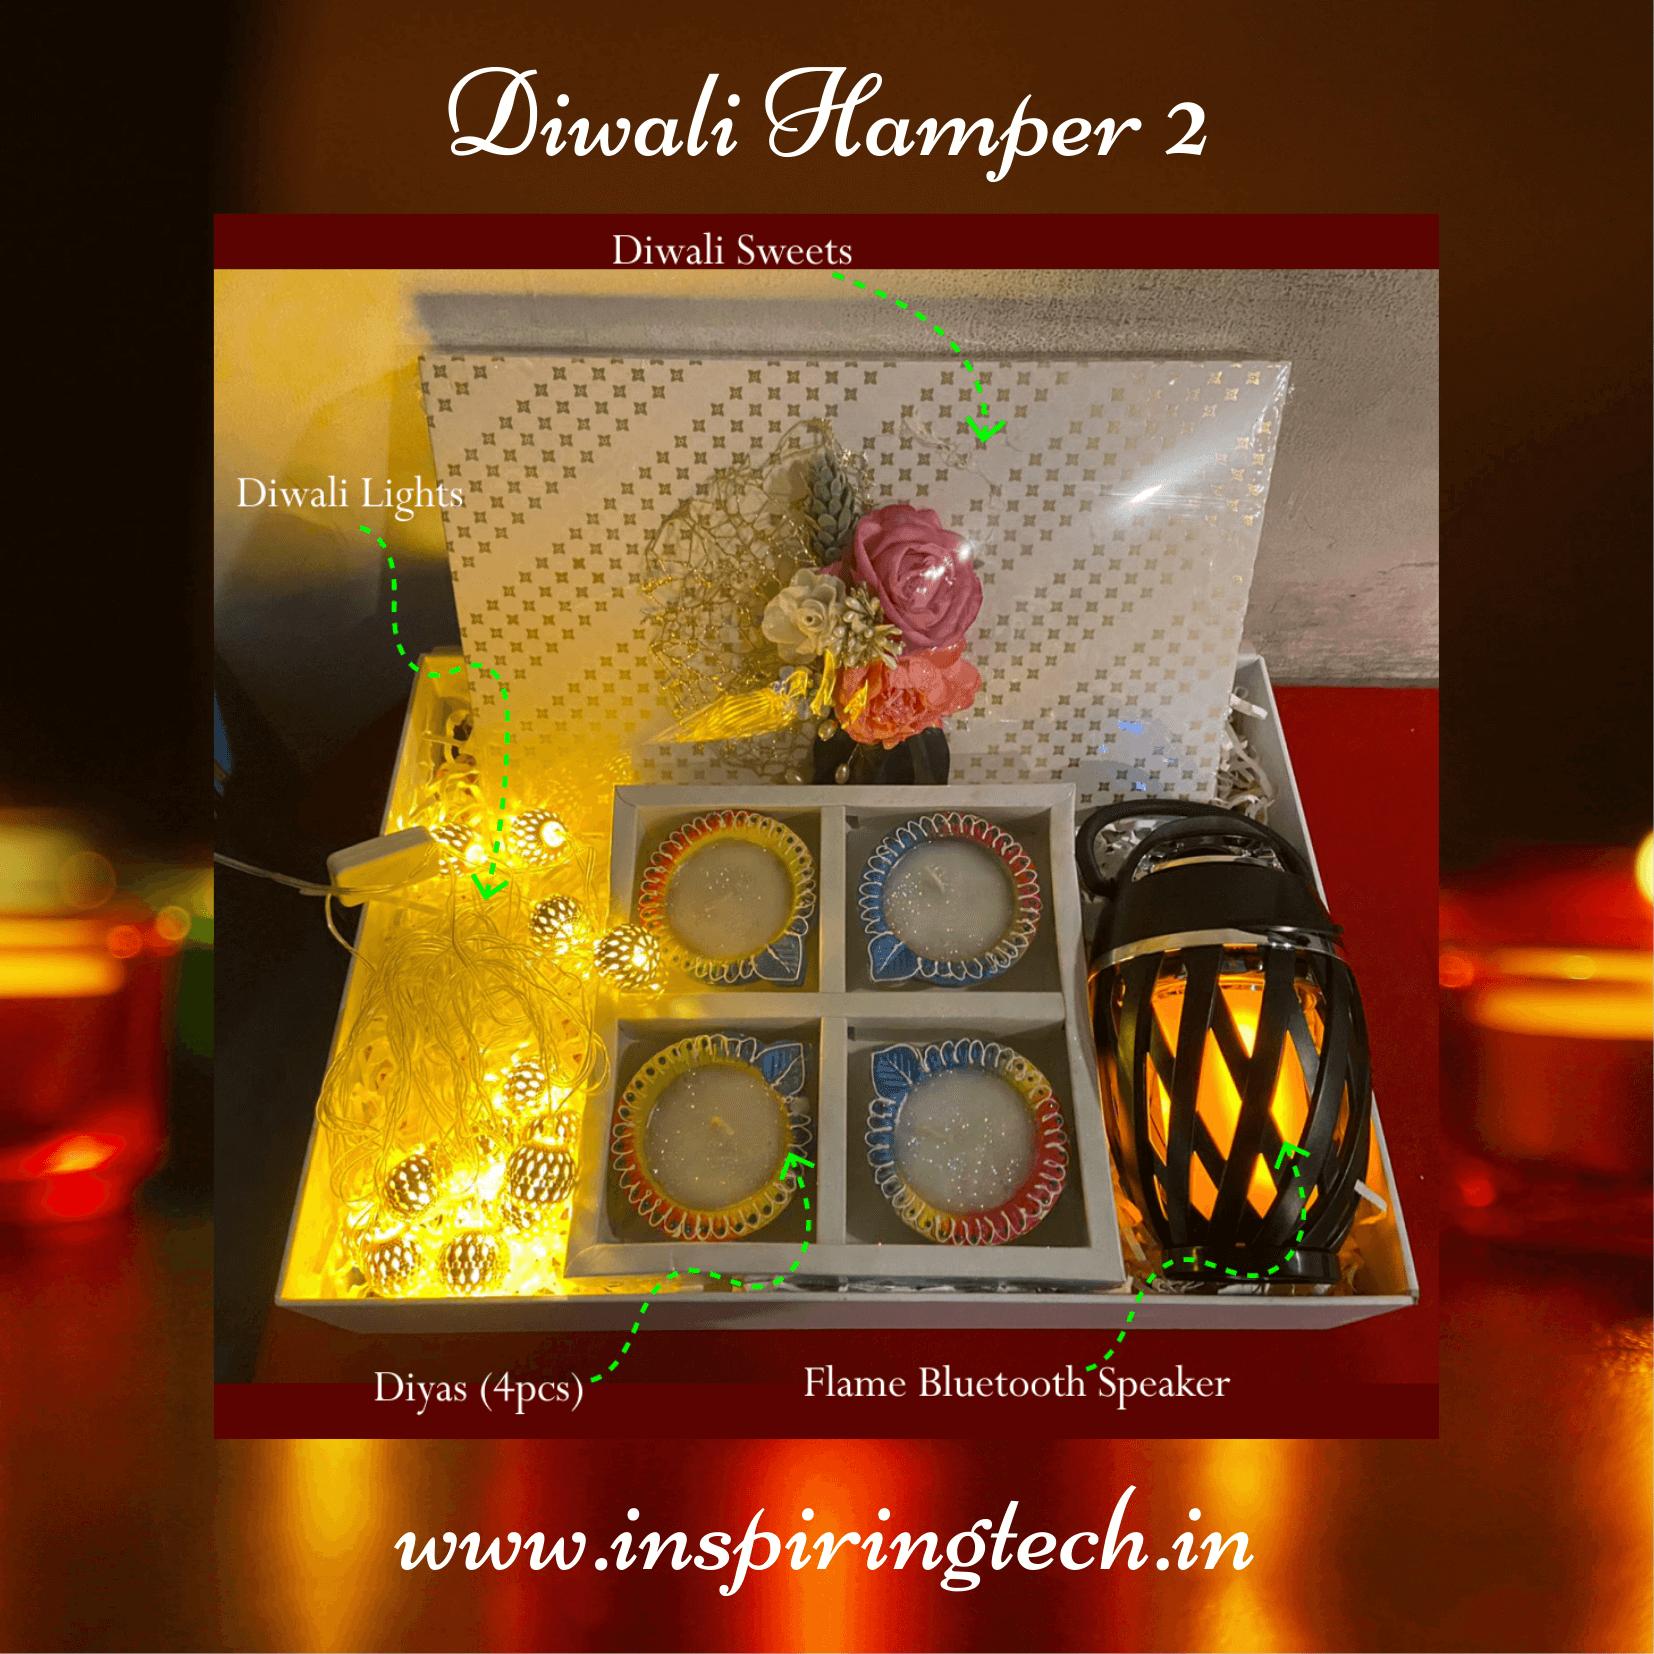 Diwali-Hamper-2